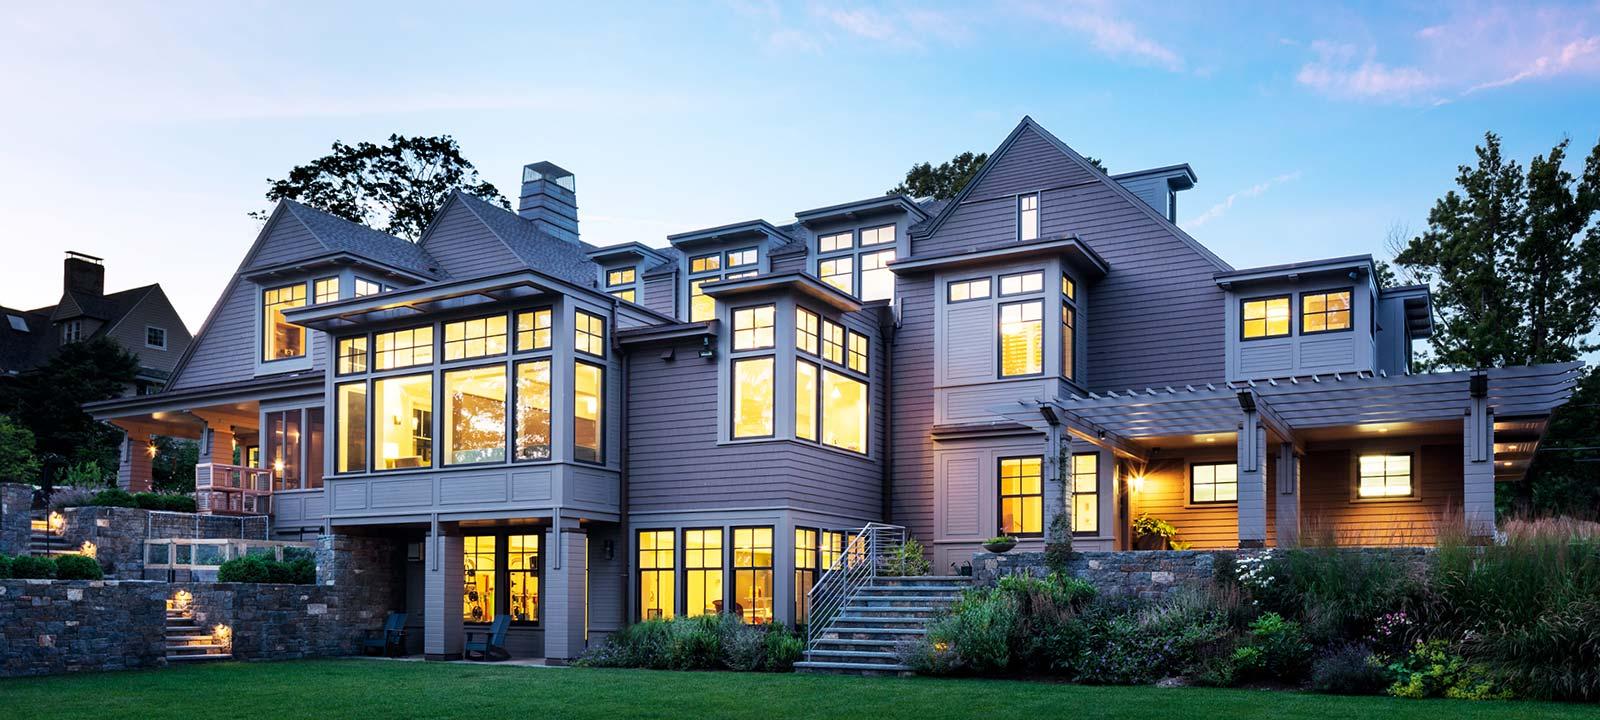 Wellen Construction - New England Custom Home Builders